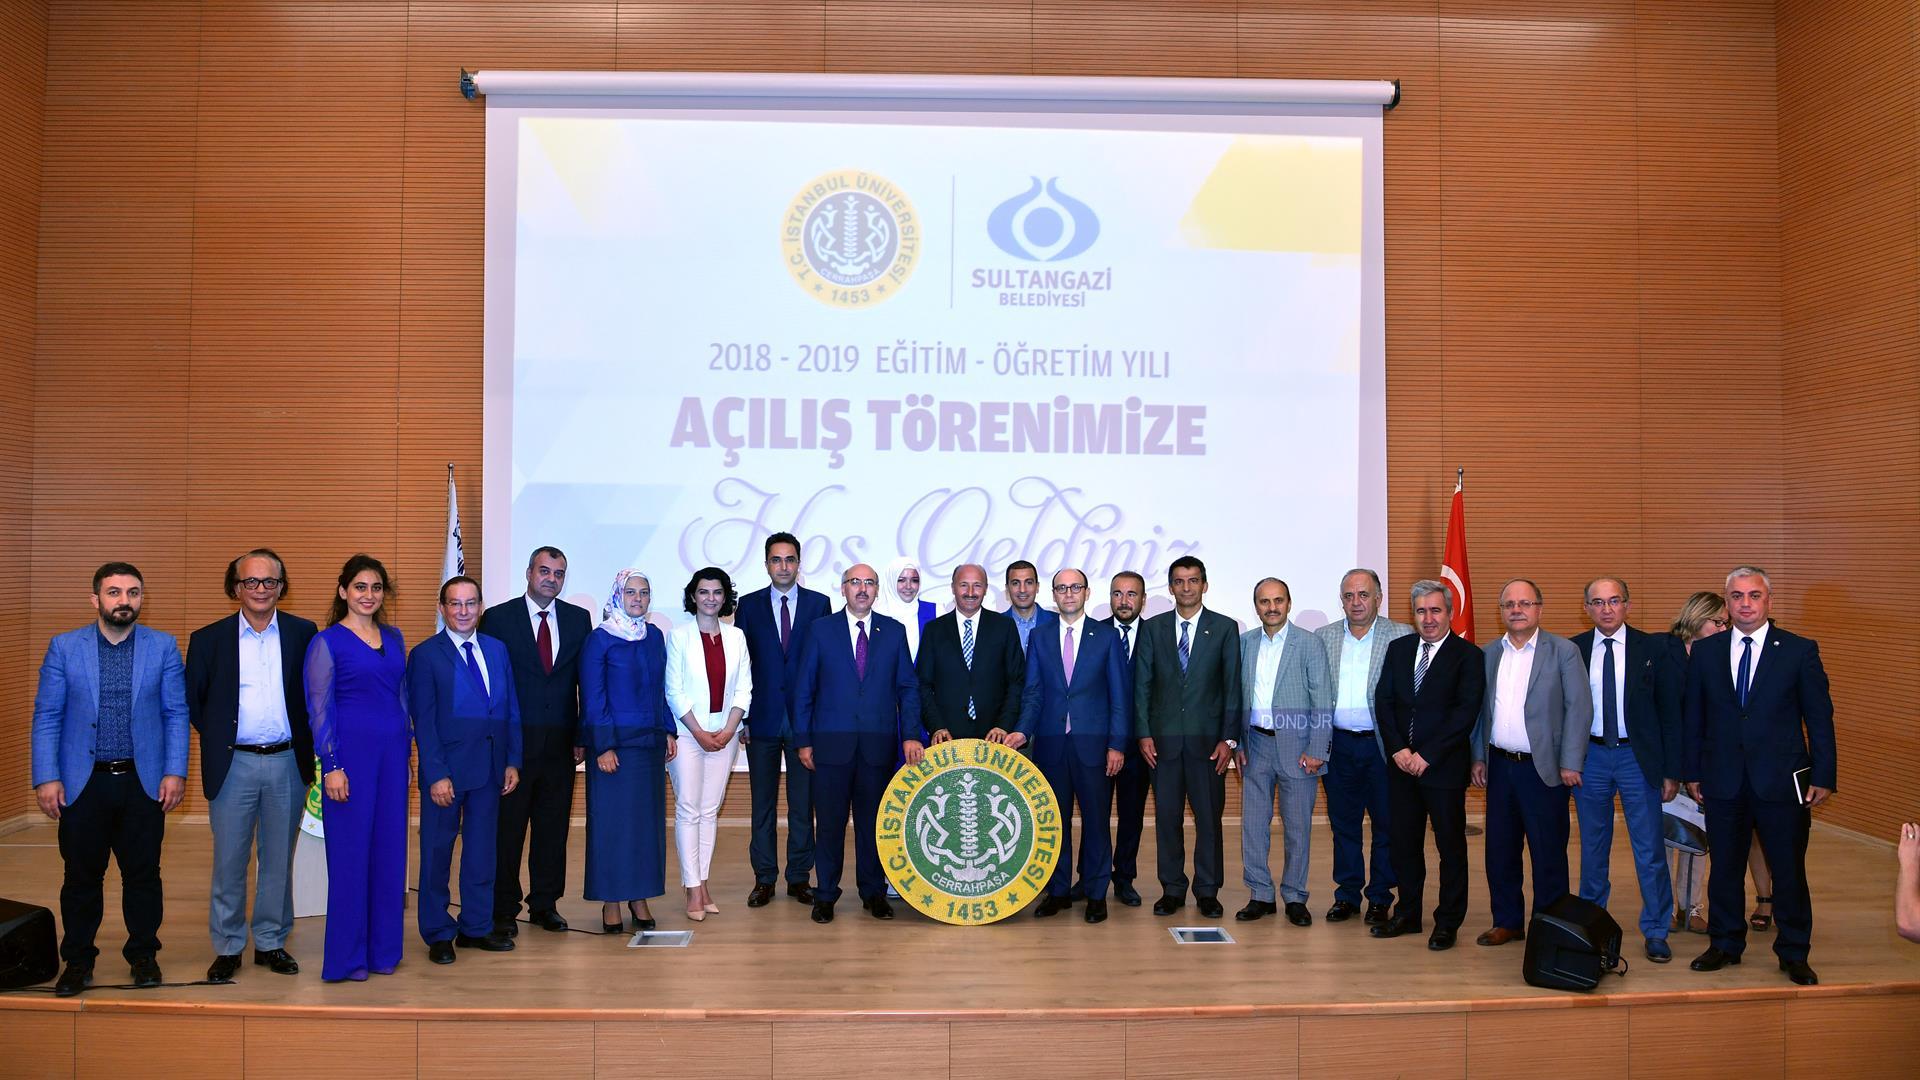 İstanbul-Üniversitesi-Cerrahpaşa-Sosyal-Bilimler-Meslek-Yüksekokulu-Akademik-Yılı-Açılış-Töreni-Gerçekleştirildi